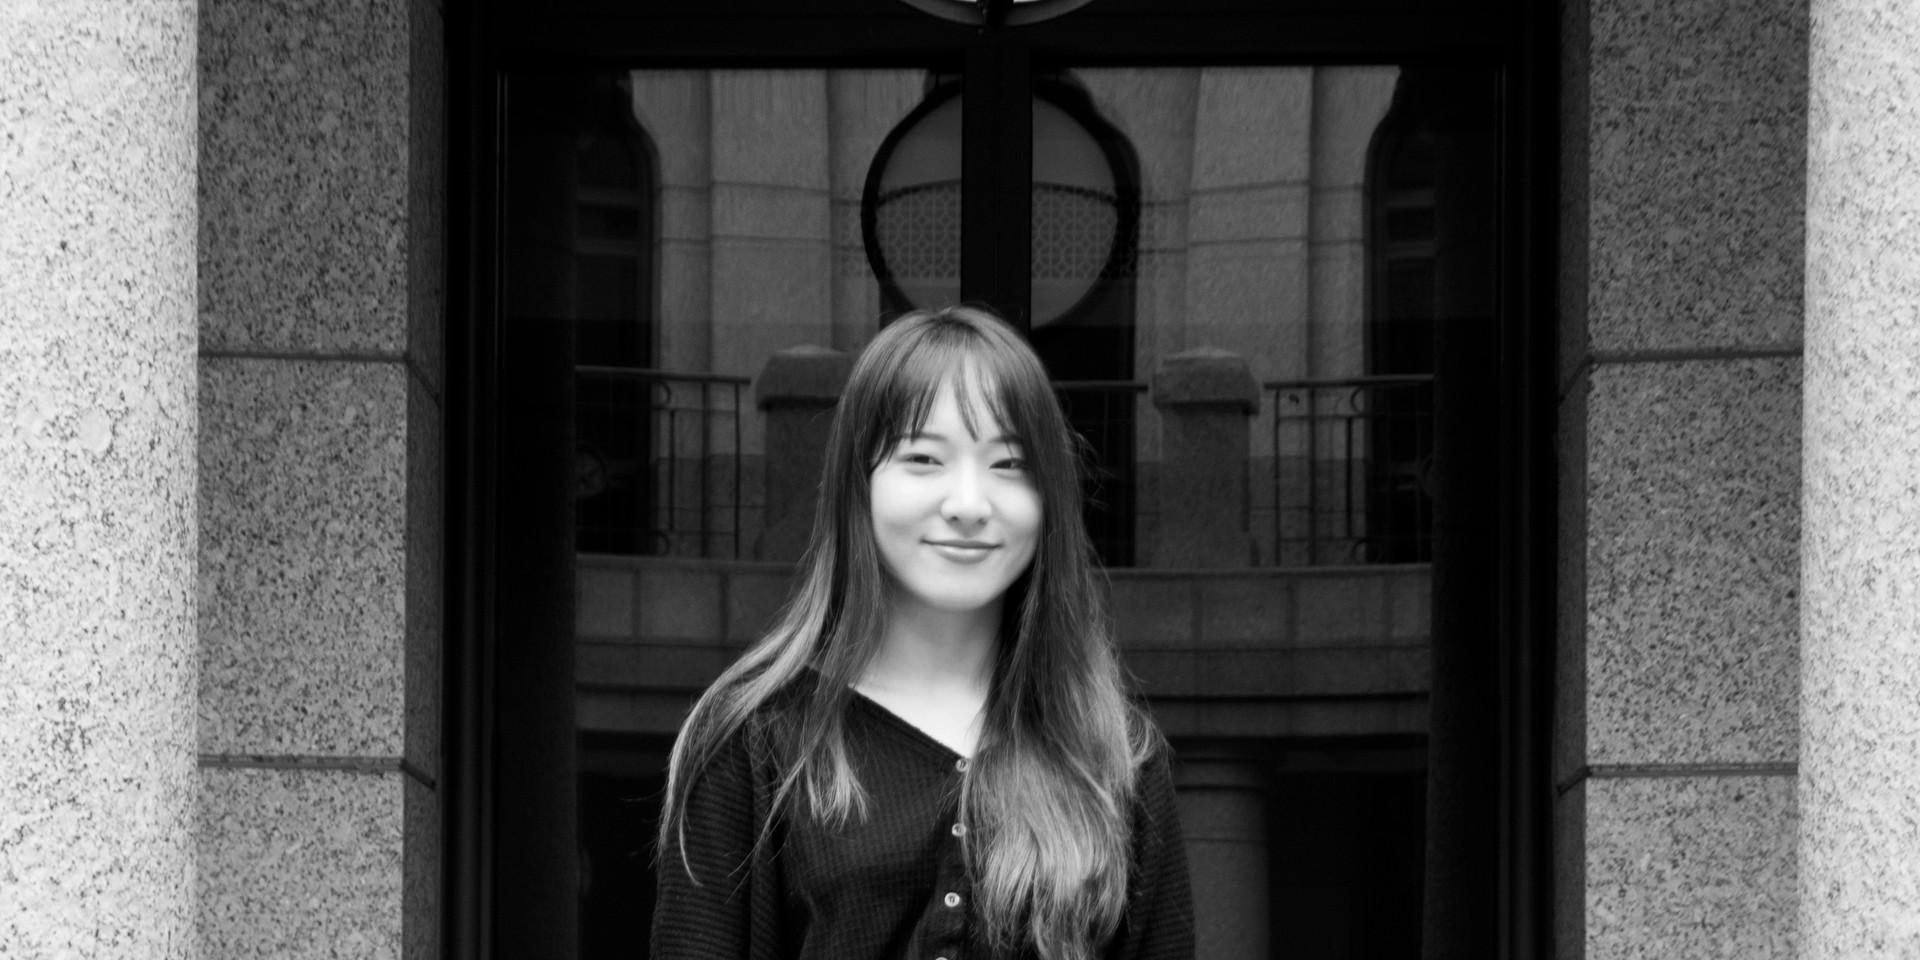 Joo Yeon Yang